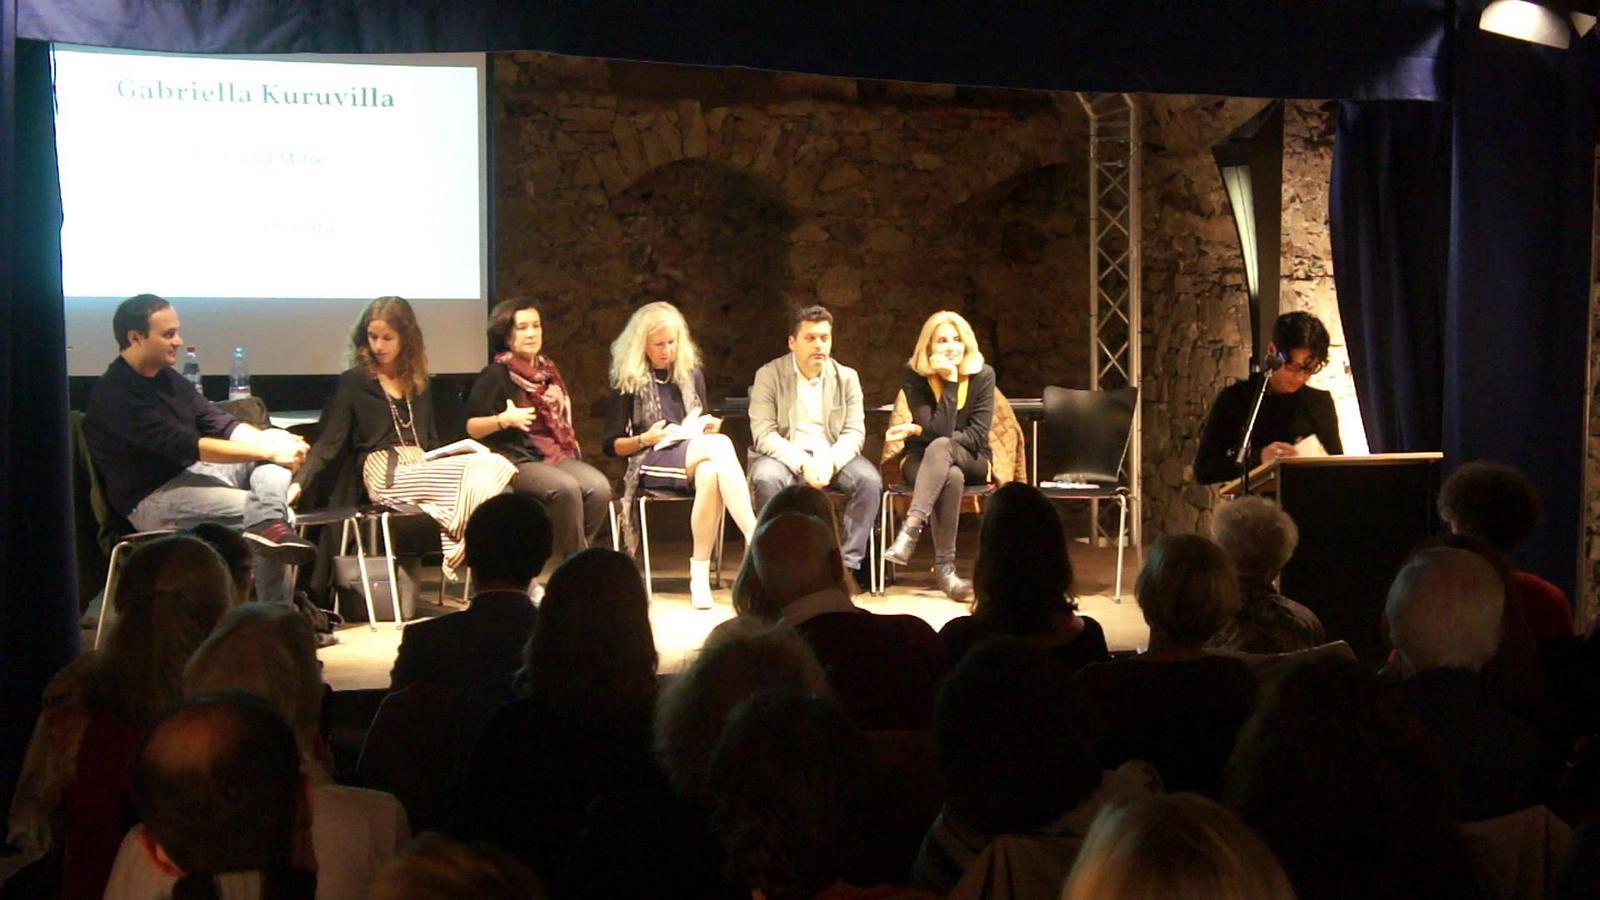 """Gabriella Kuruvilla liest aus der Erzählung """"La mezza misura"""""""